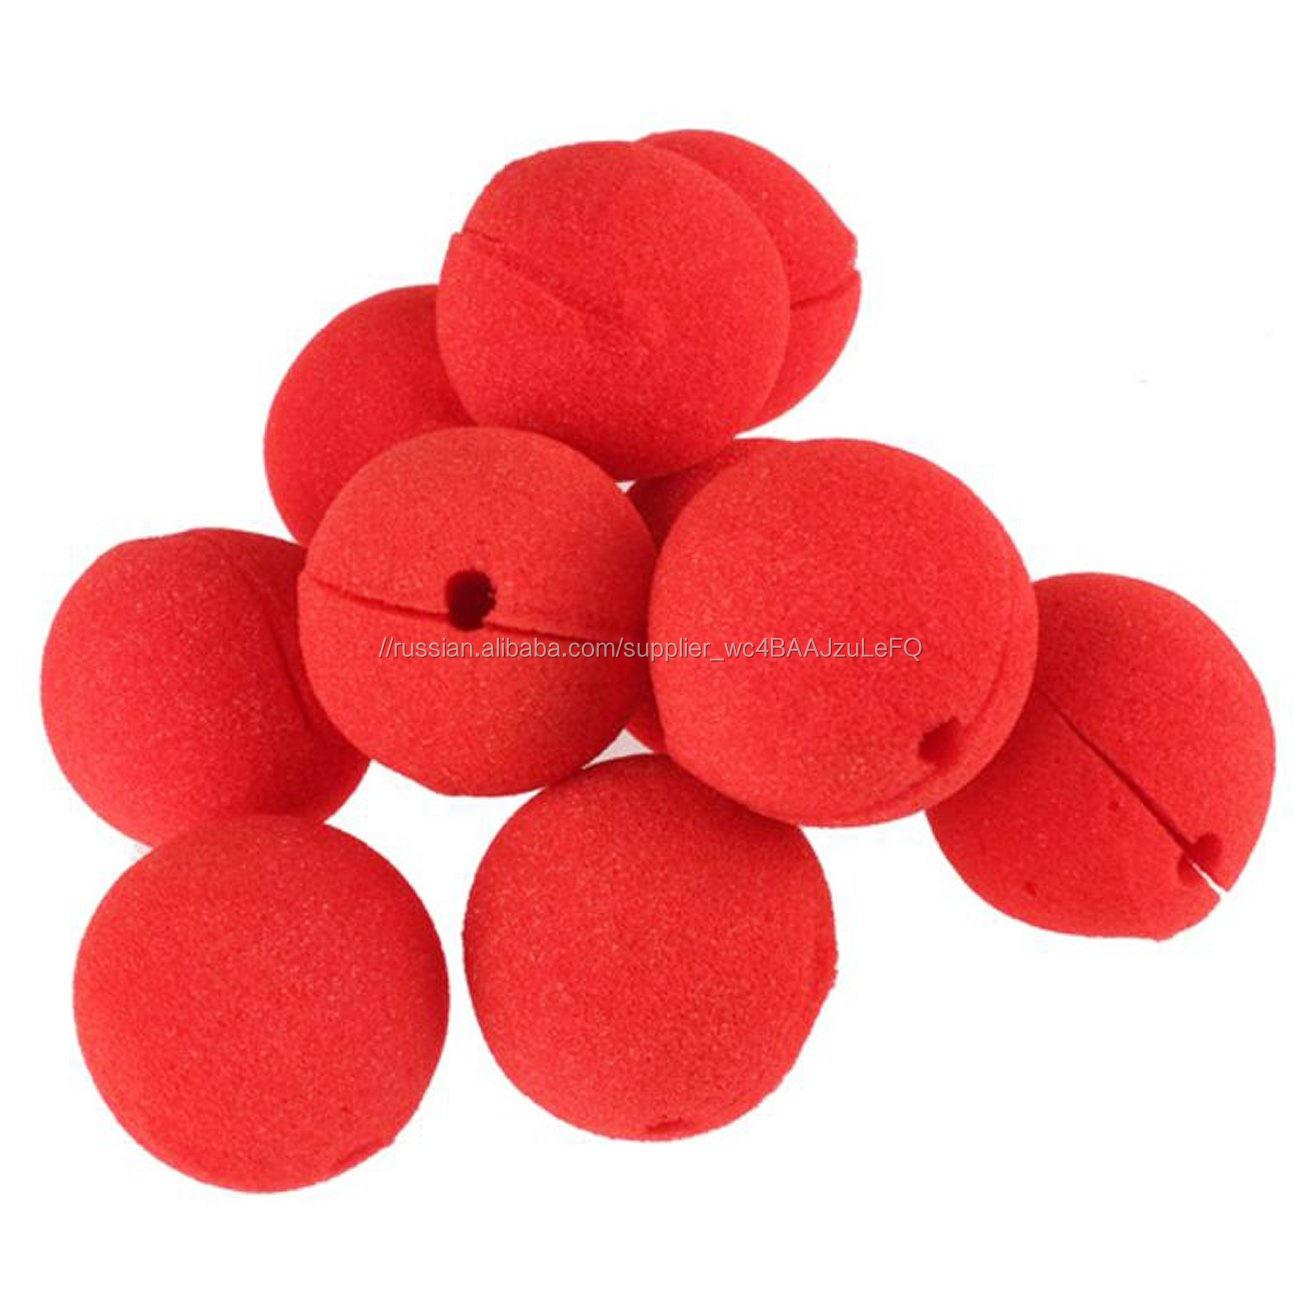 Цирк партия праздник украшения легко использовать пены <span class=keywords><strong>Клоун</strong></span> Магия красный нос